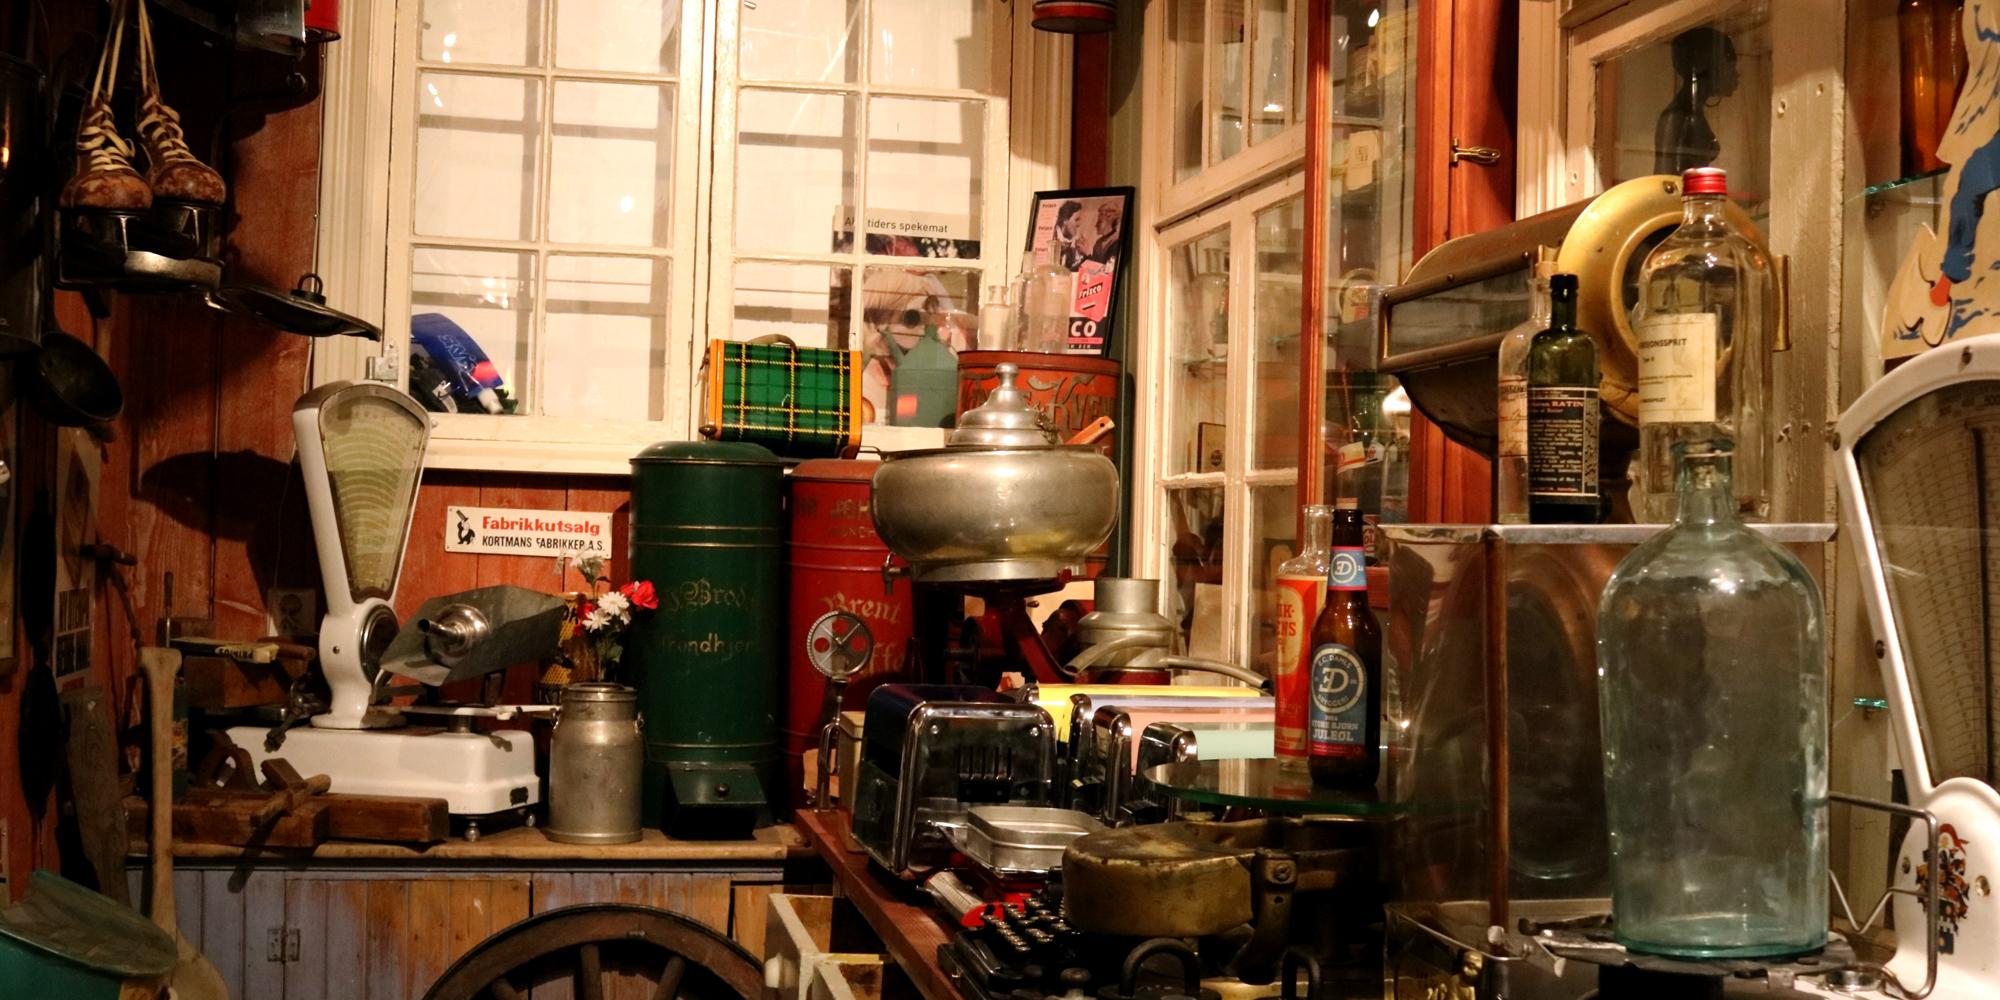 Fullt utstyrt landhandel i museet i 2. etage. Copyright: Kortmans Lysfabrikk